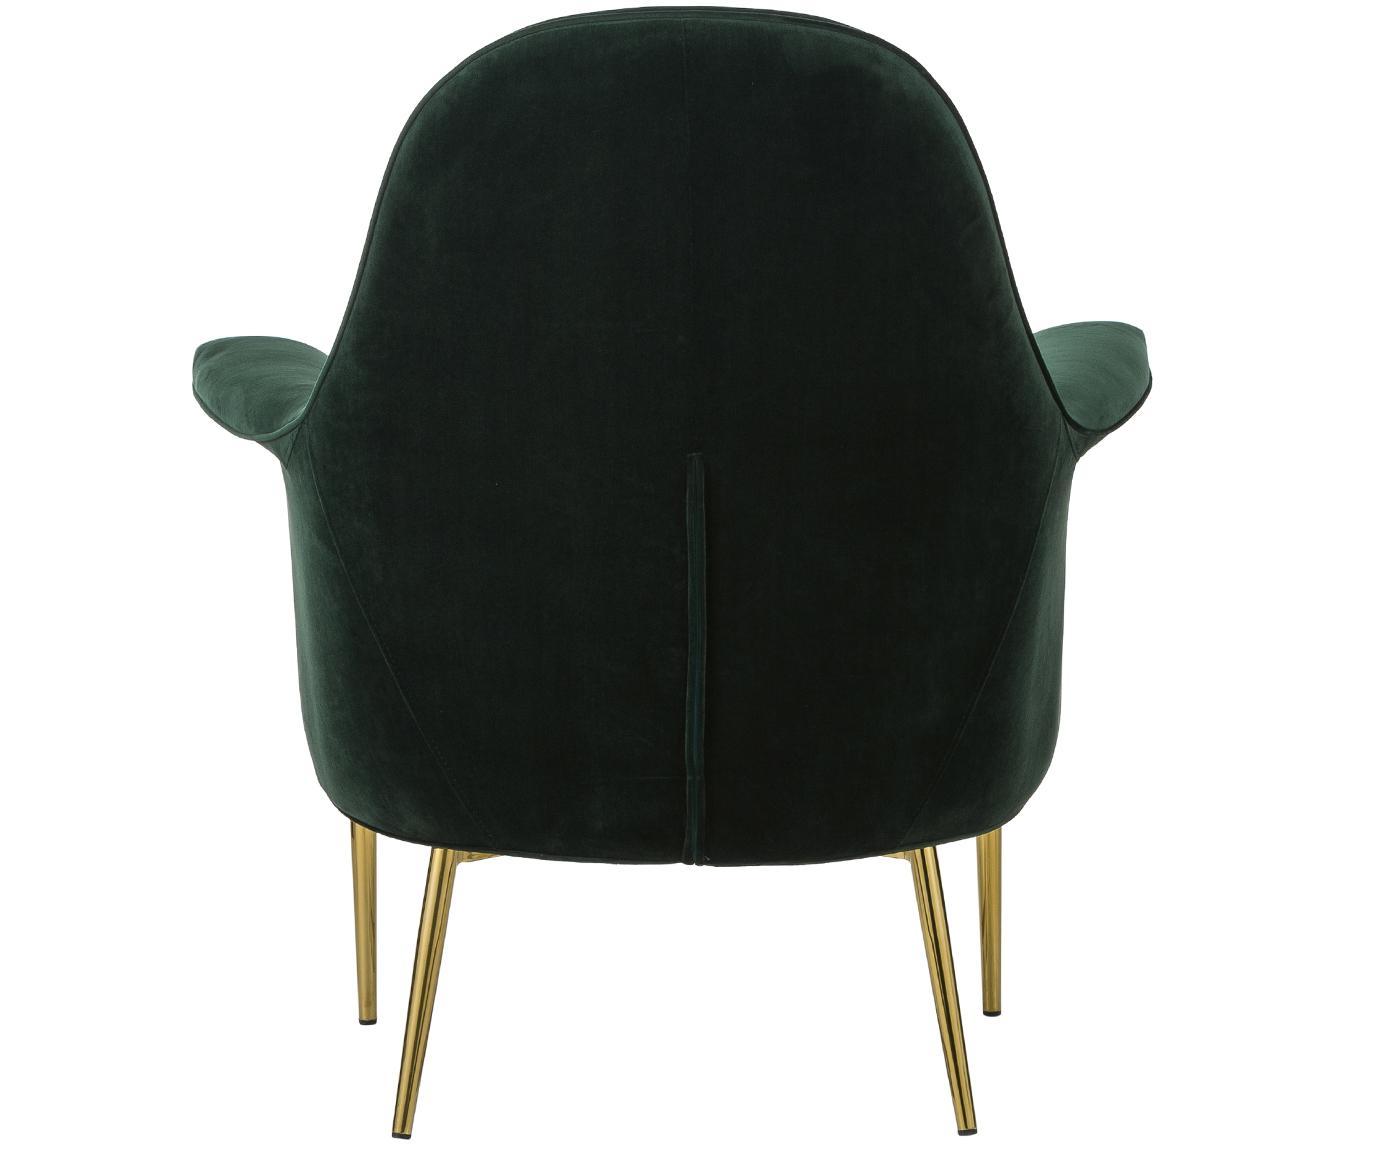 Fotel z aksamitu Everly, Tapicerka: aksamit (poliester), Nogi: metal powlekany, Tapicerka: zielony Nogi: odcienie złotego, S 85 x G 80 cm